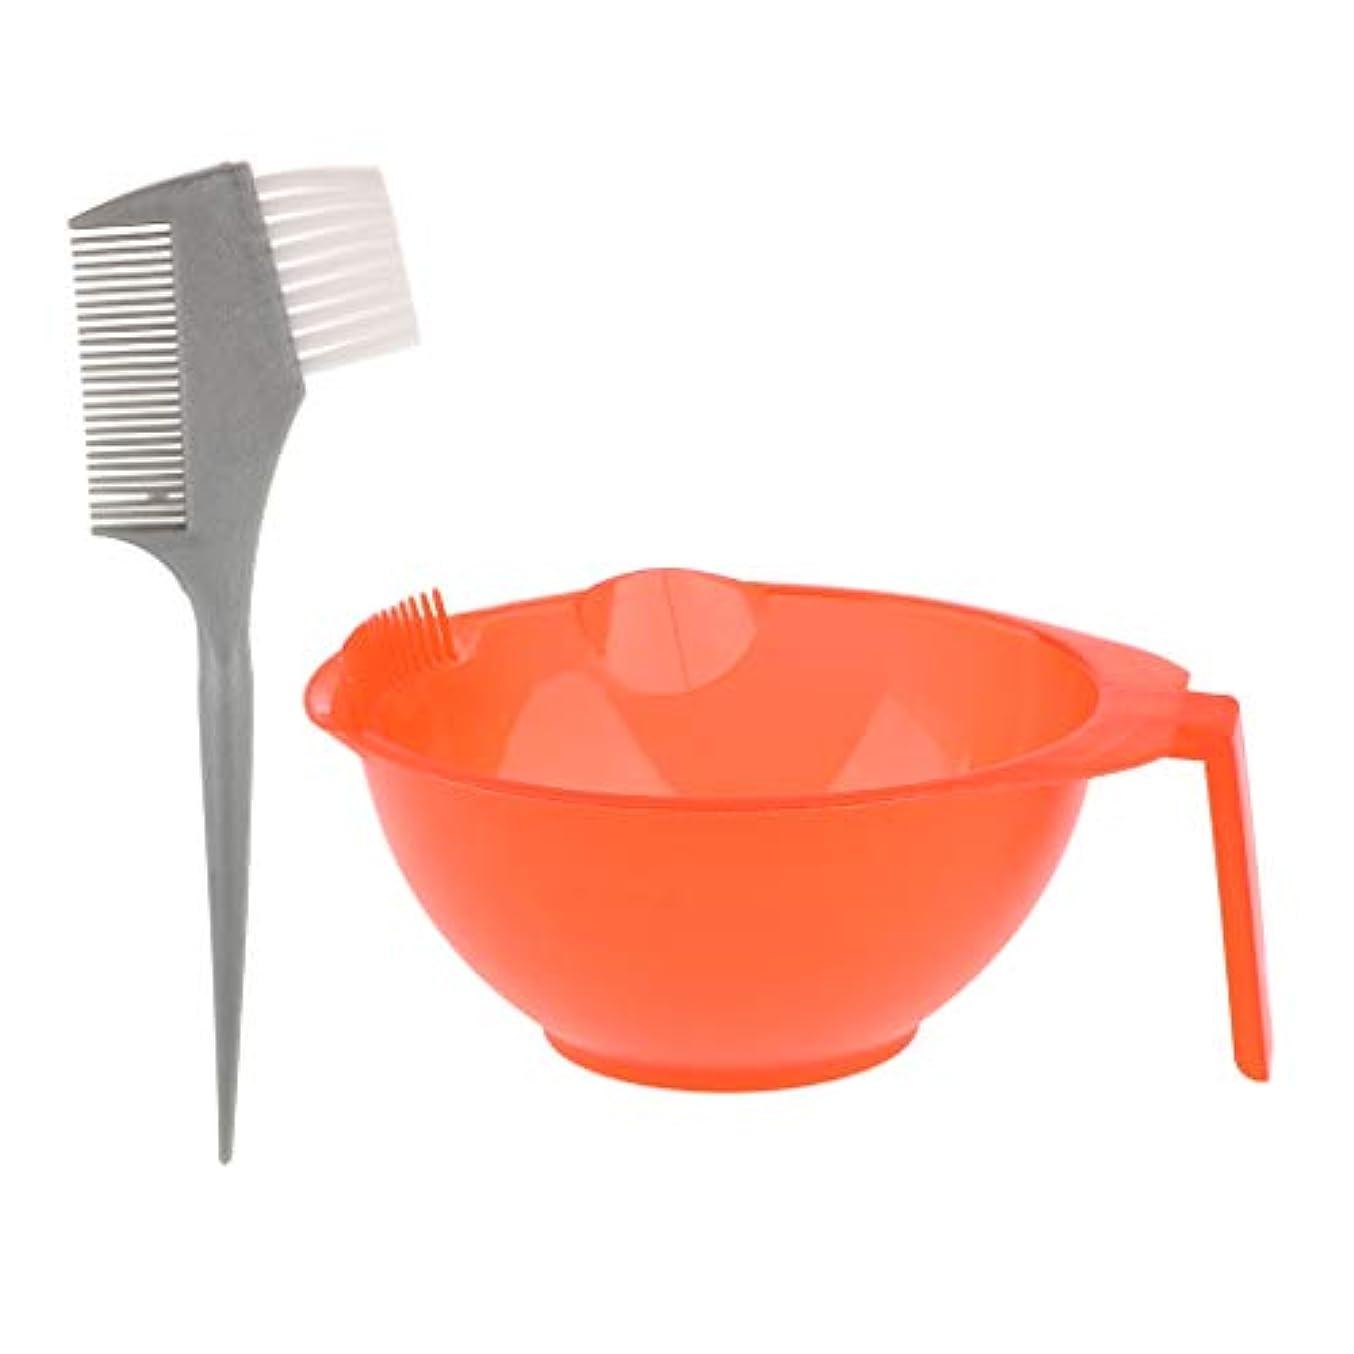 CUTICATE ヘアダイ カップ + ヘア染めブラシ 美髪サロン工具 ヘアカラー ヘア染め 髪染めブラシ